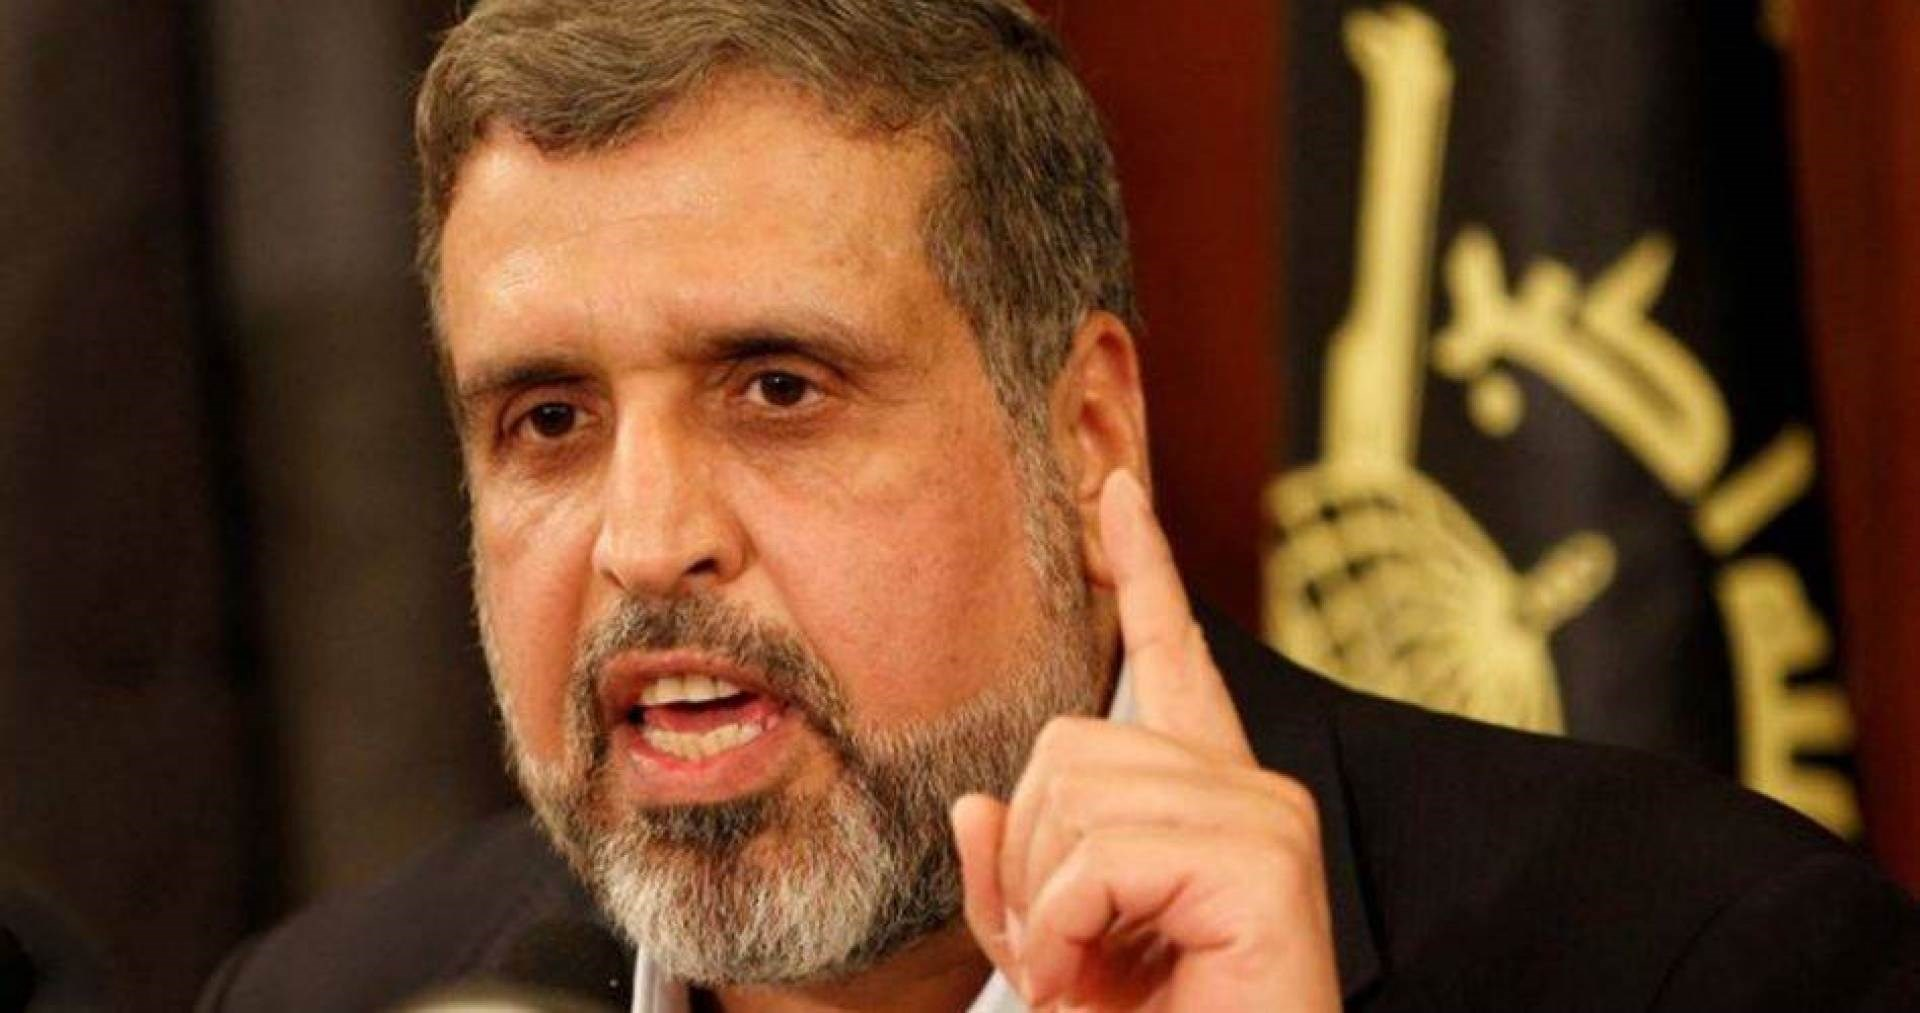 إيران وفصائل وقوى سياسية عربية تنعى شلح: فلسطين فقدت قائداً وفدائياً ملهماً